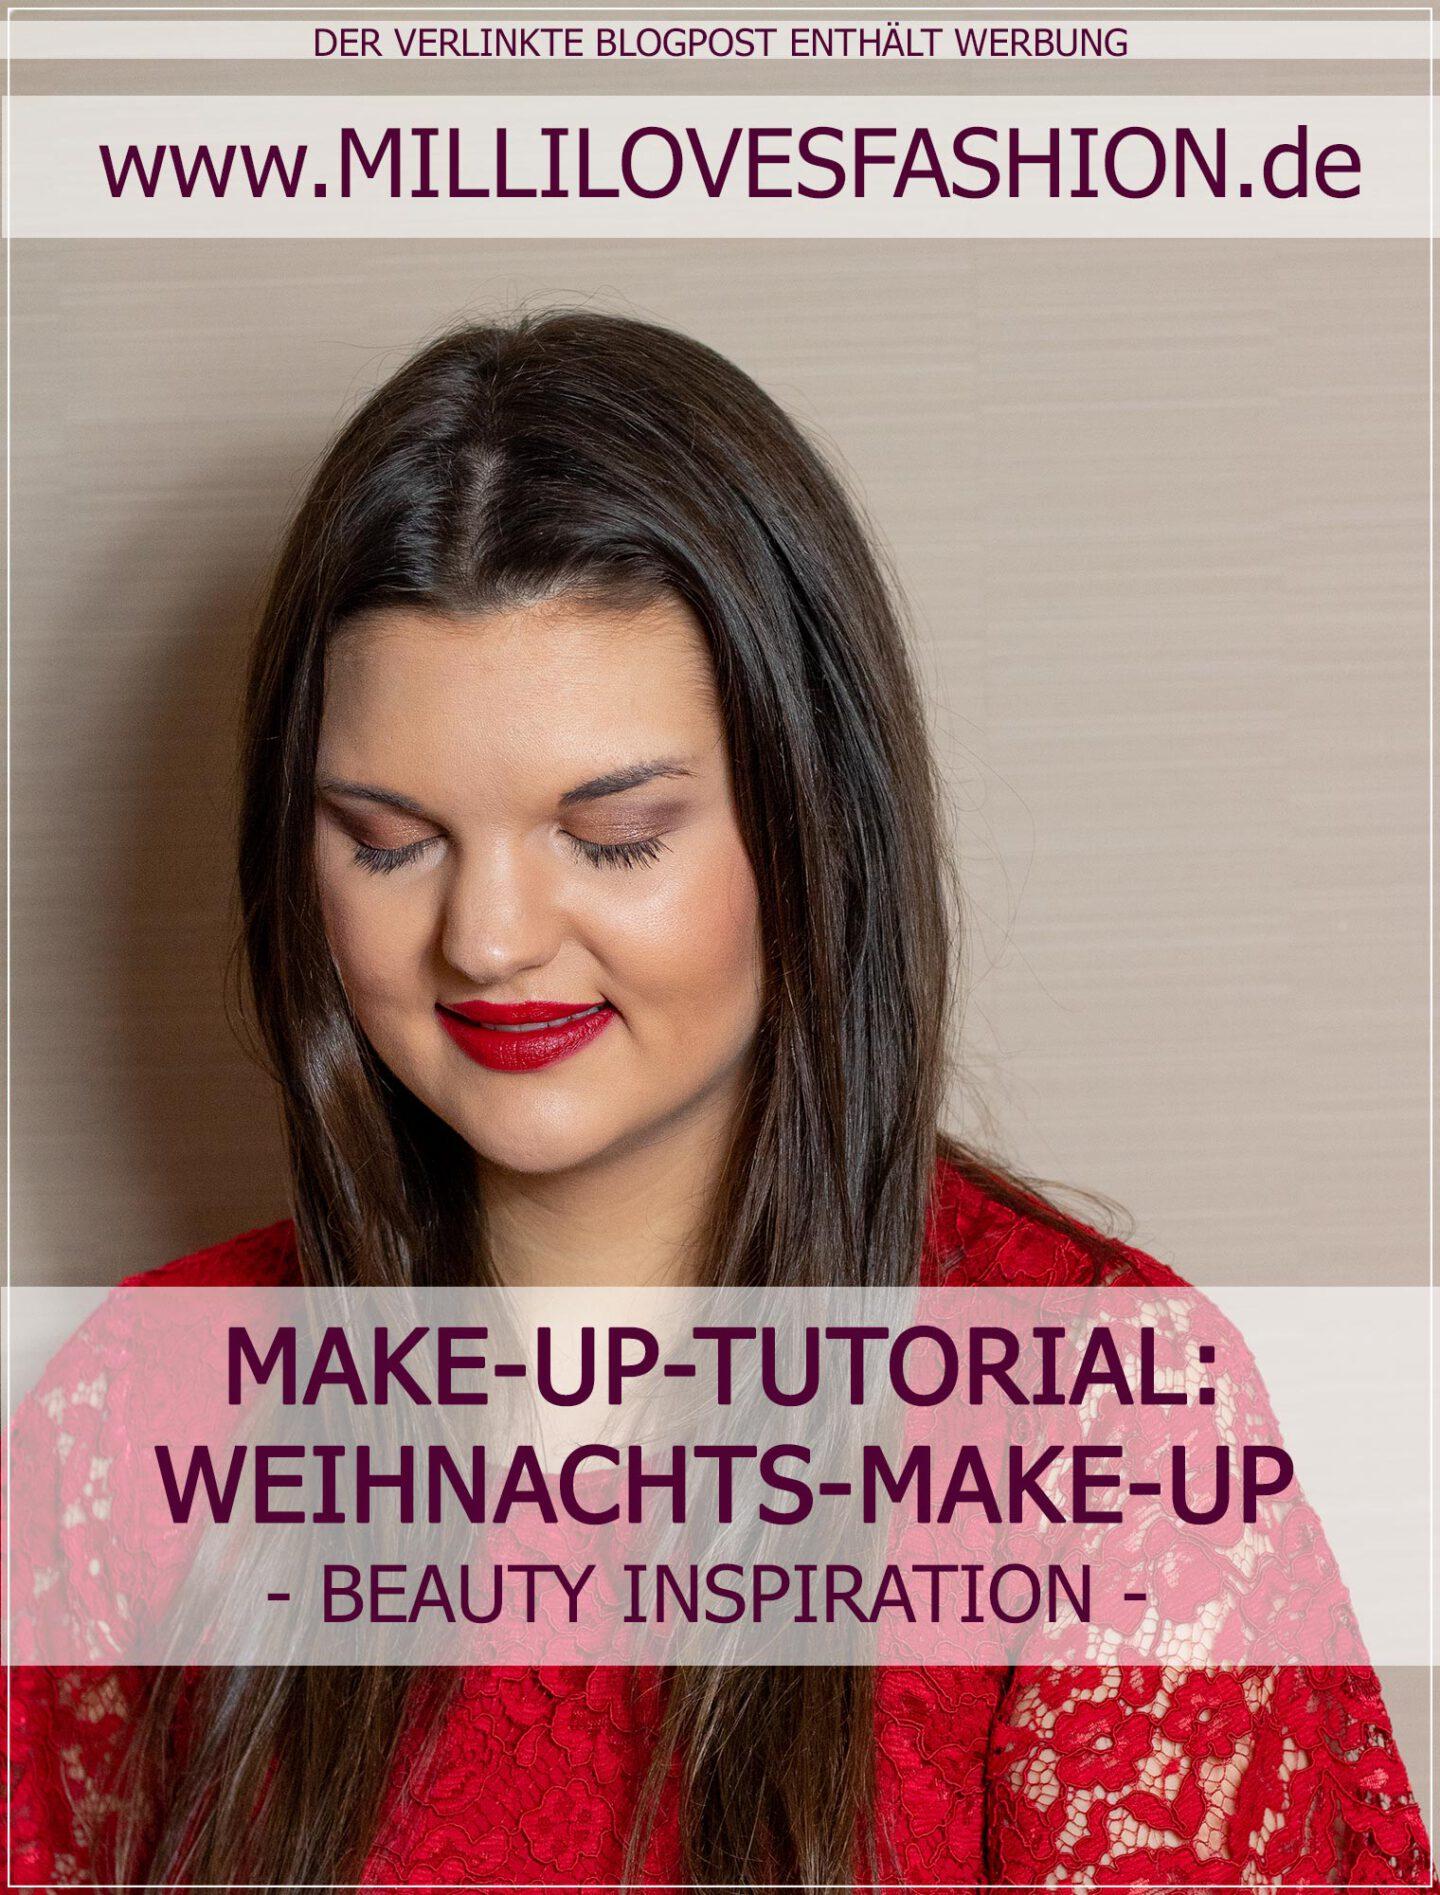 Tutorial für ein festliches Weihnachts-Make-Up